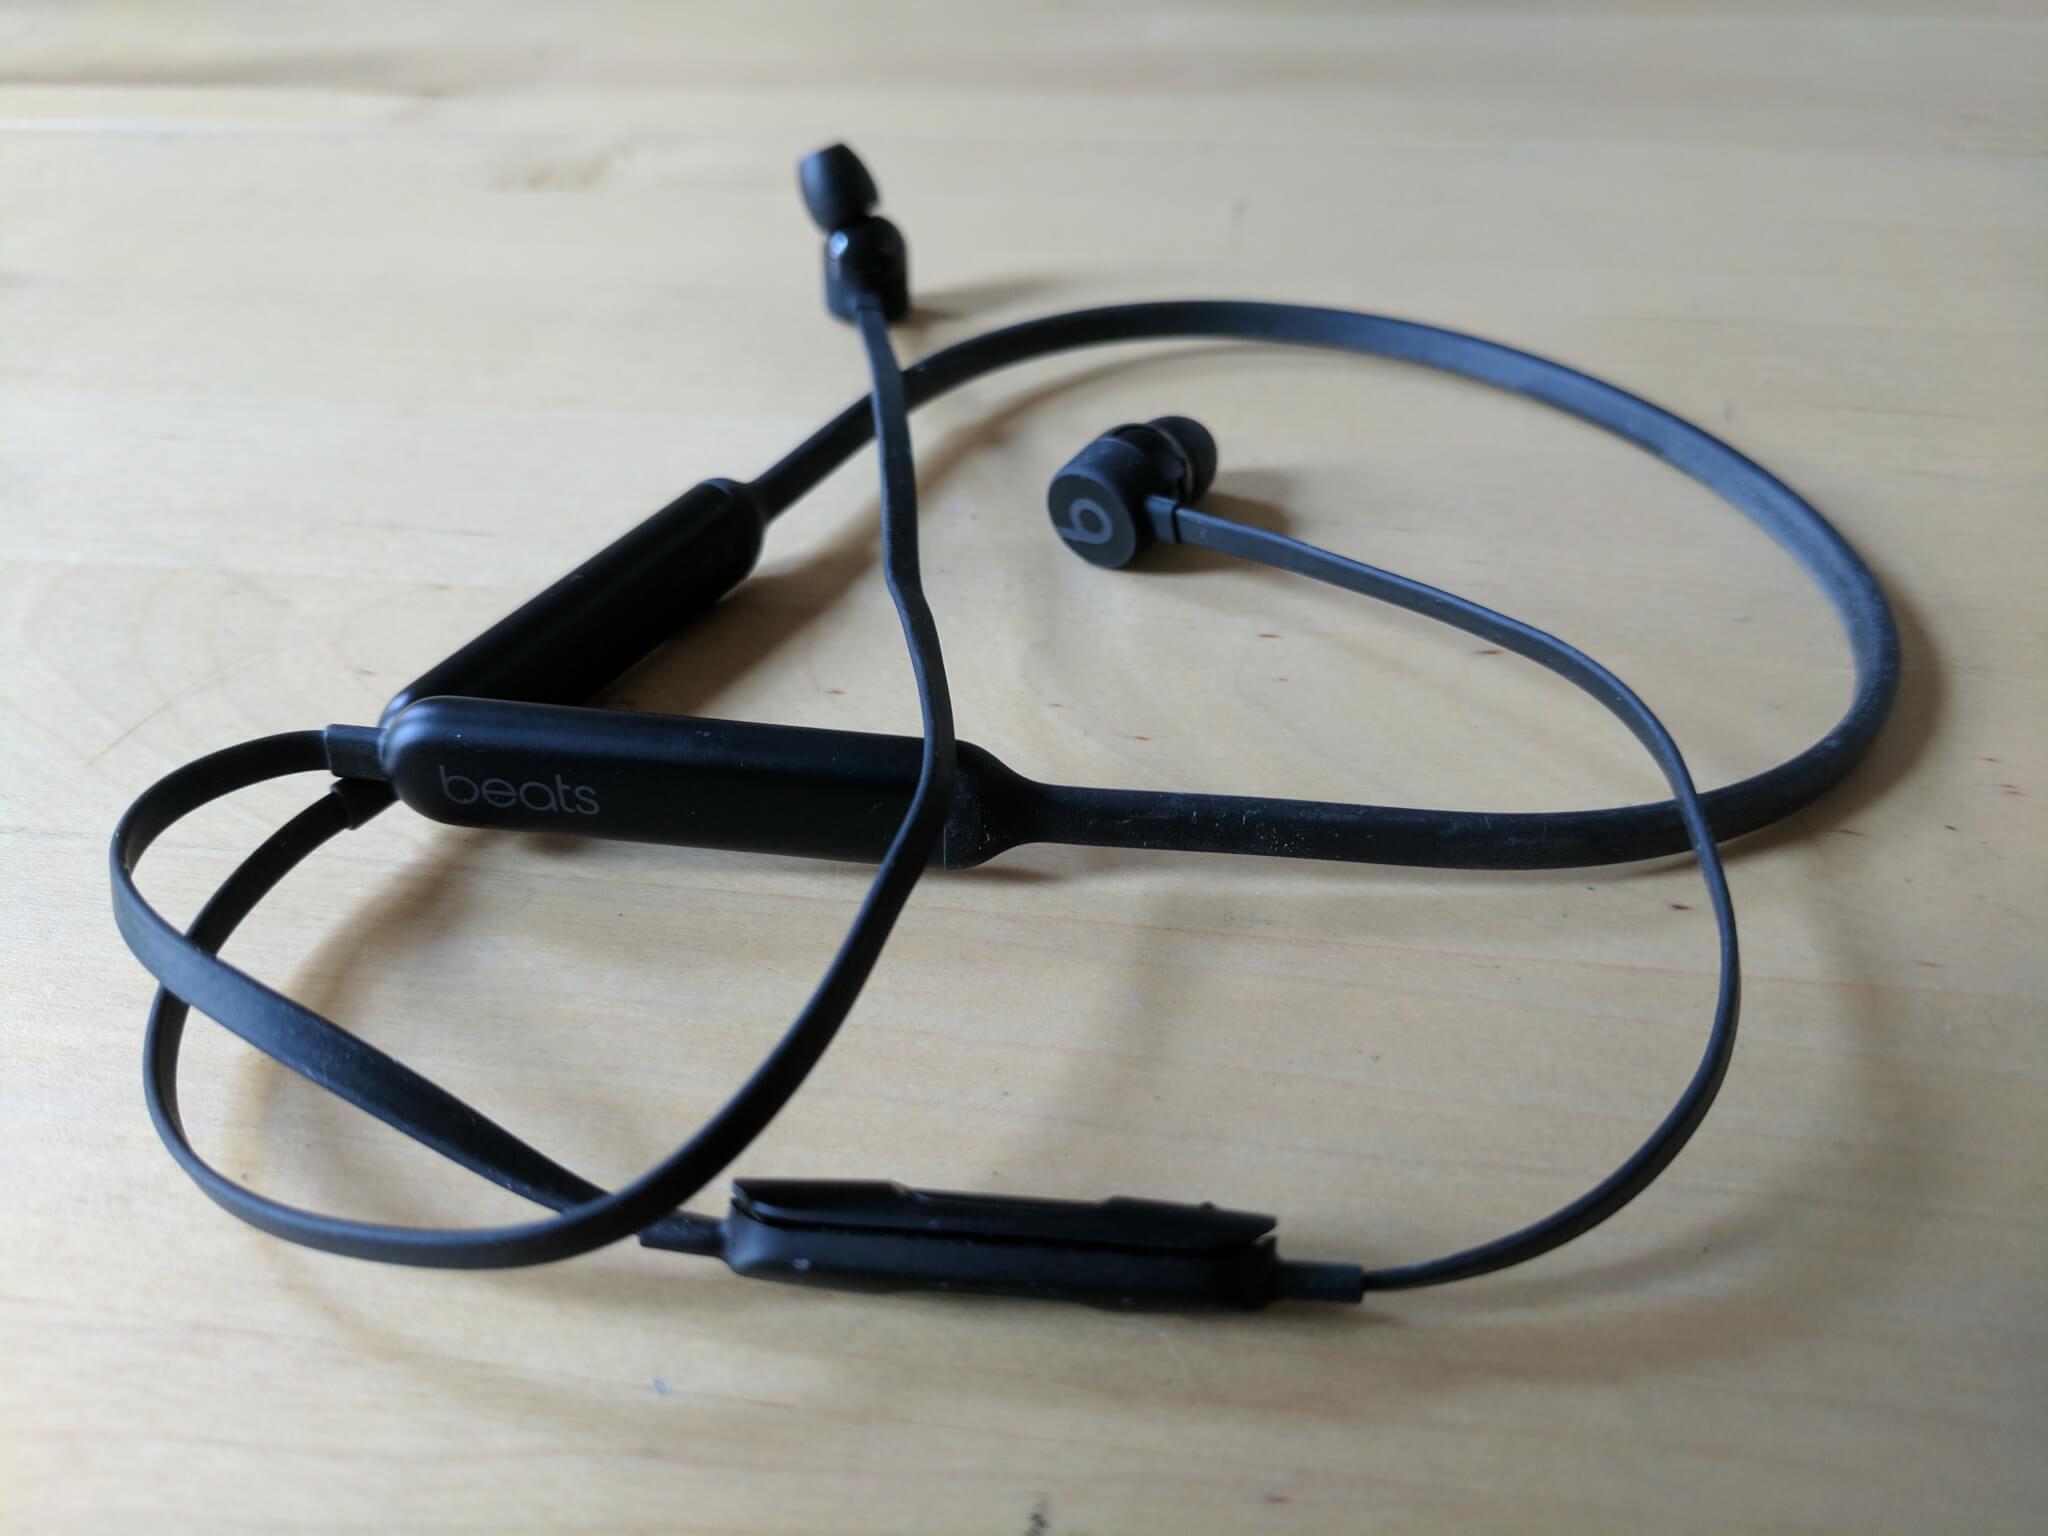 Apple earphones wireless airpods - wireless earphones gaming